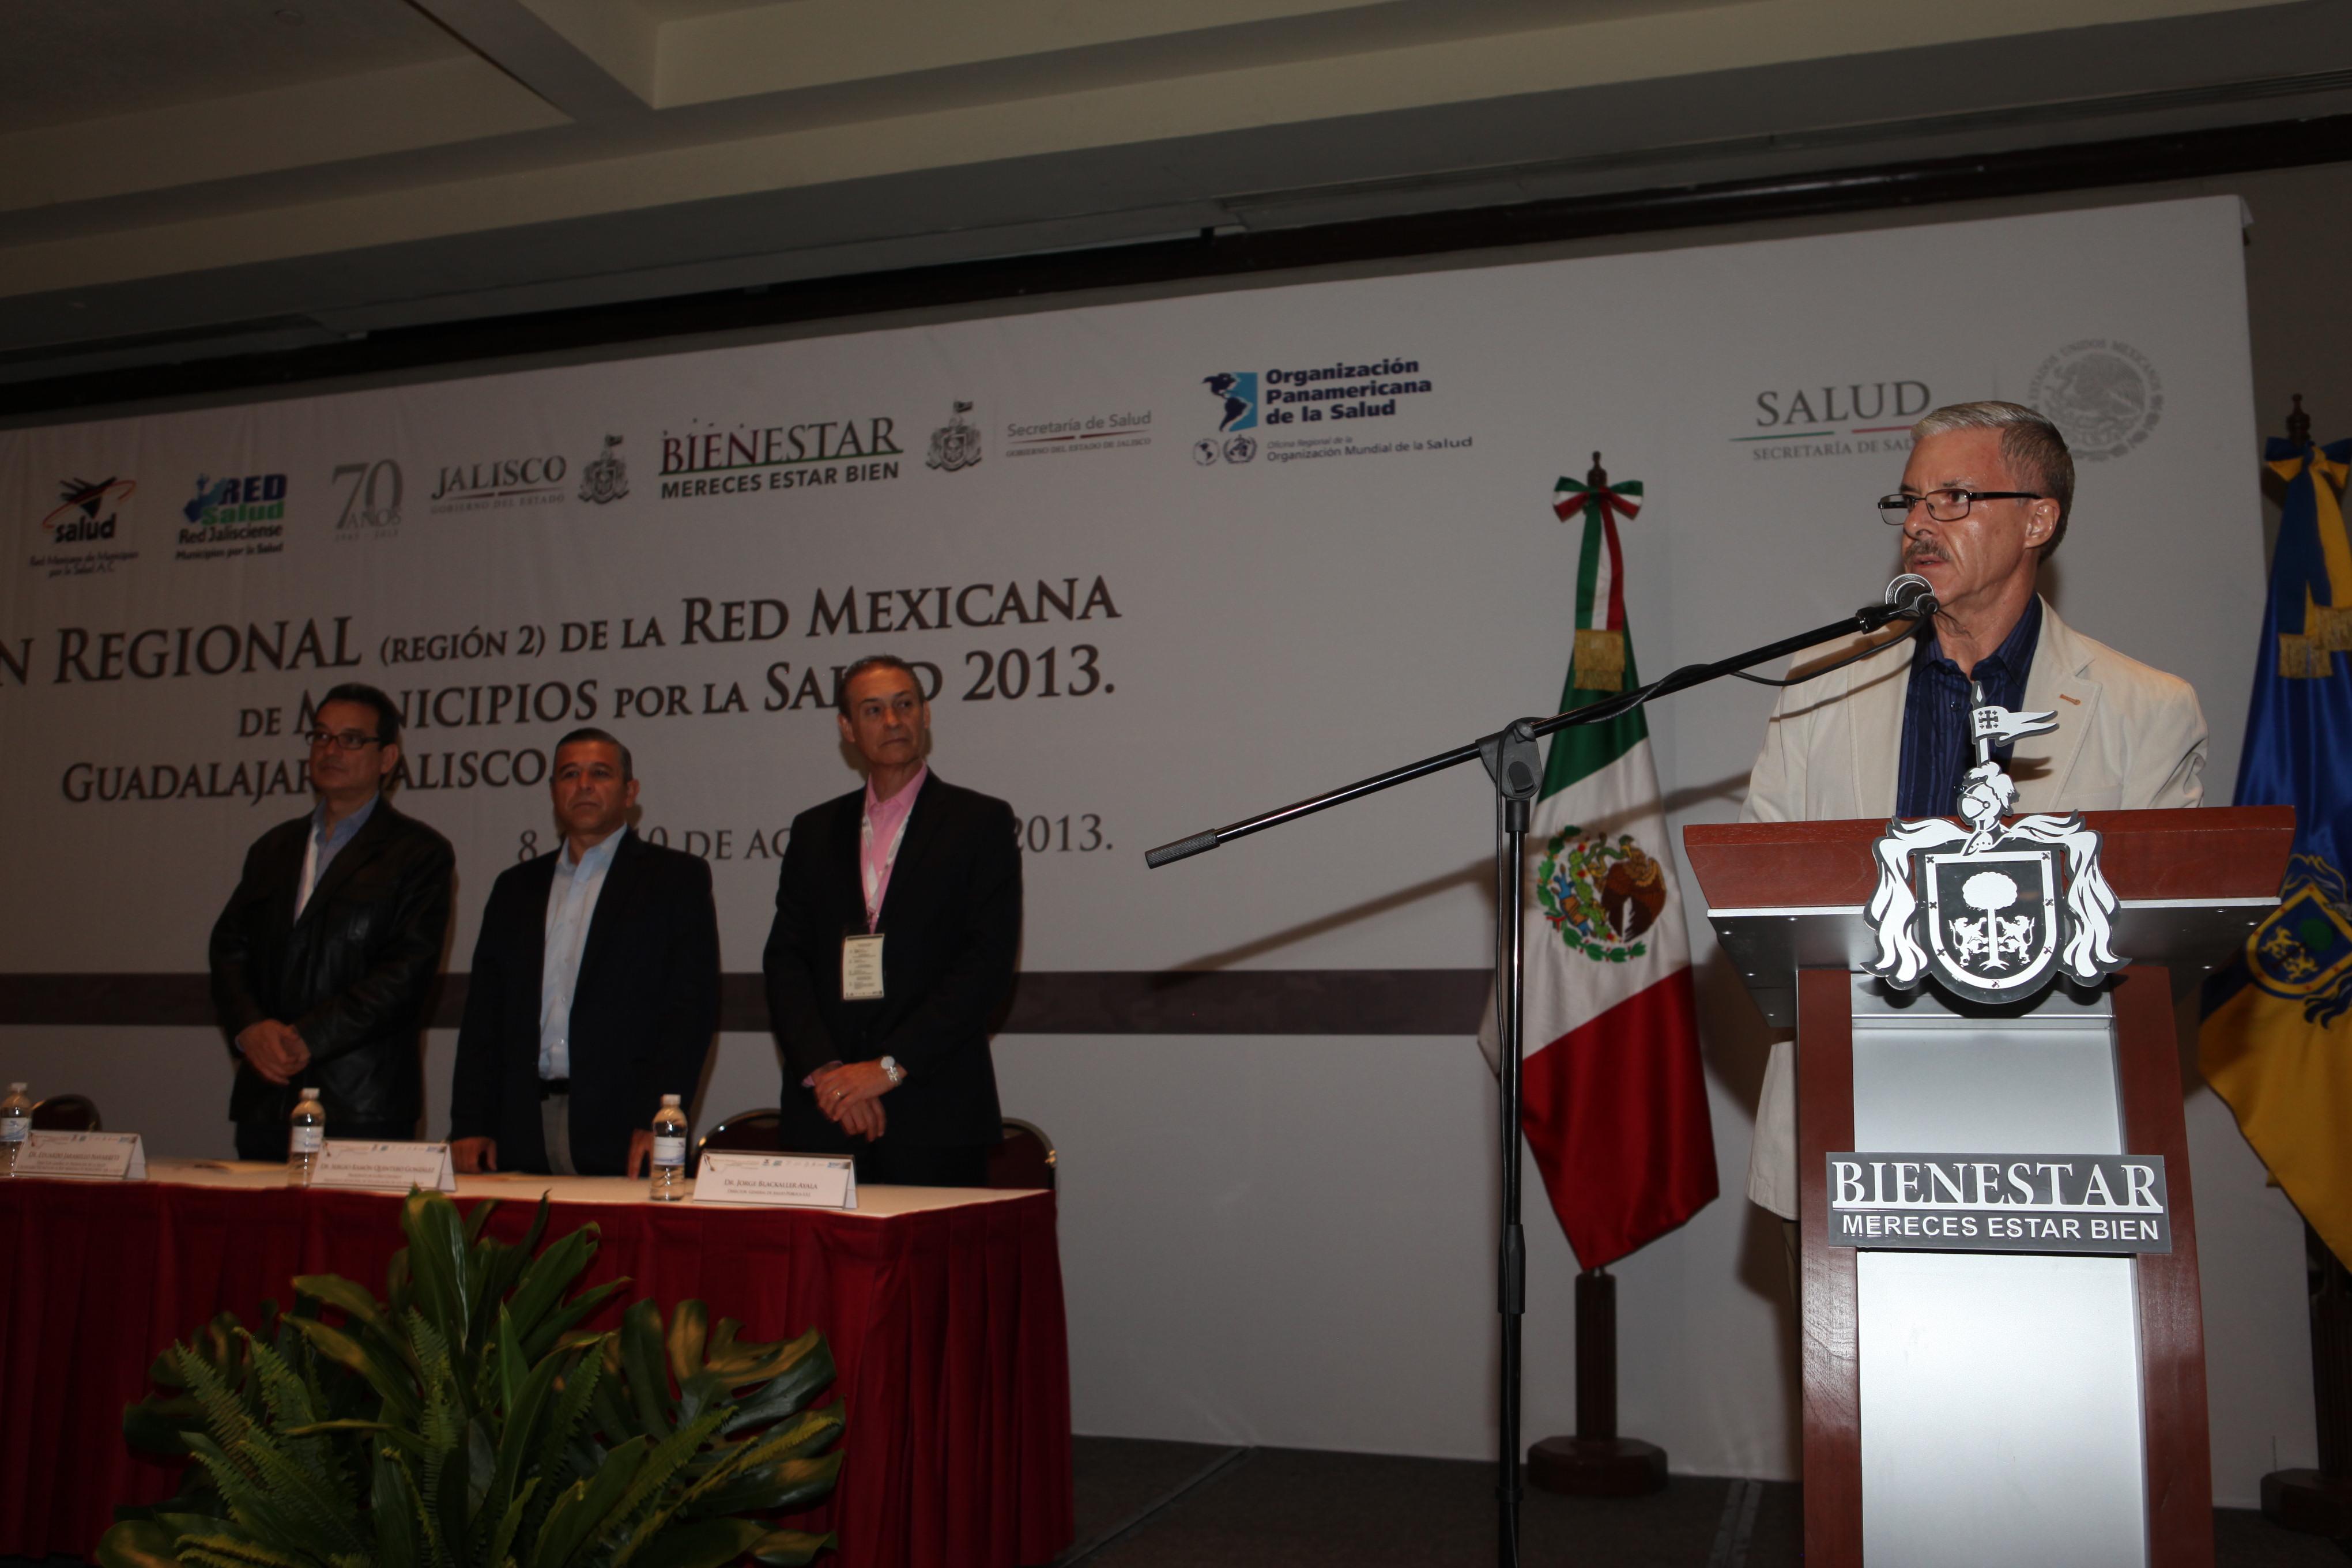 Concluye segunda reunión regional de la Red de Municipios por la Salud